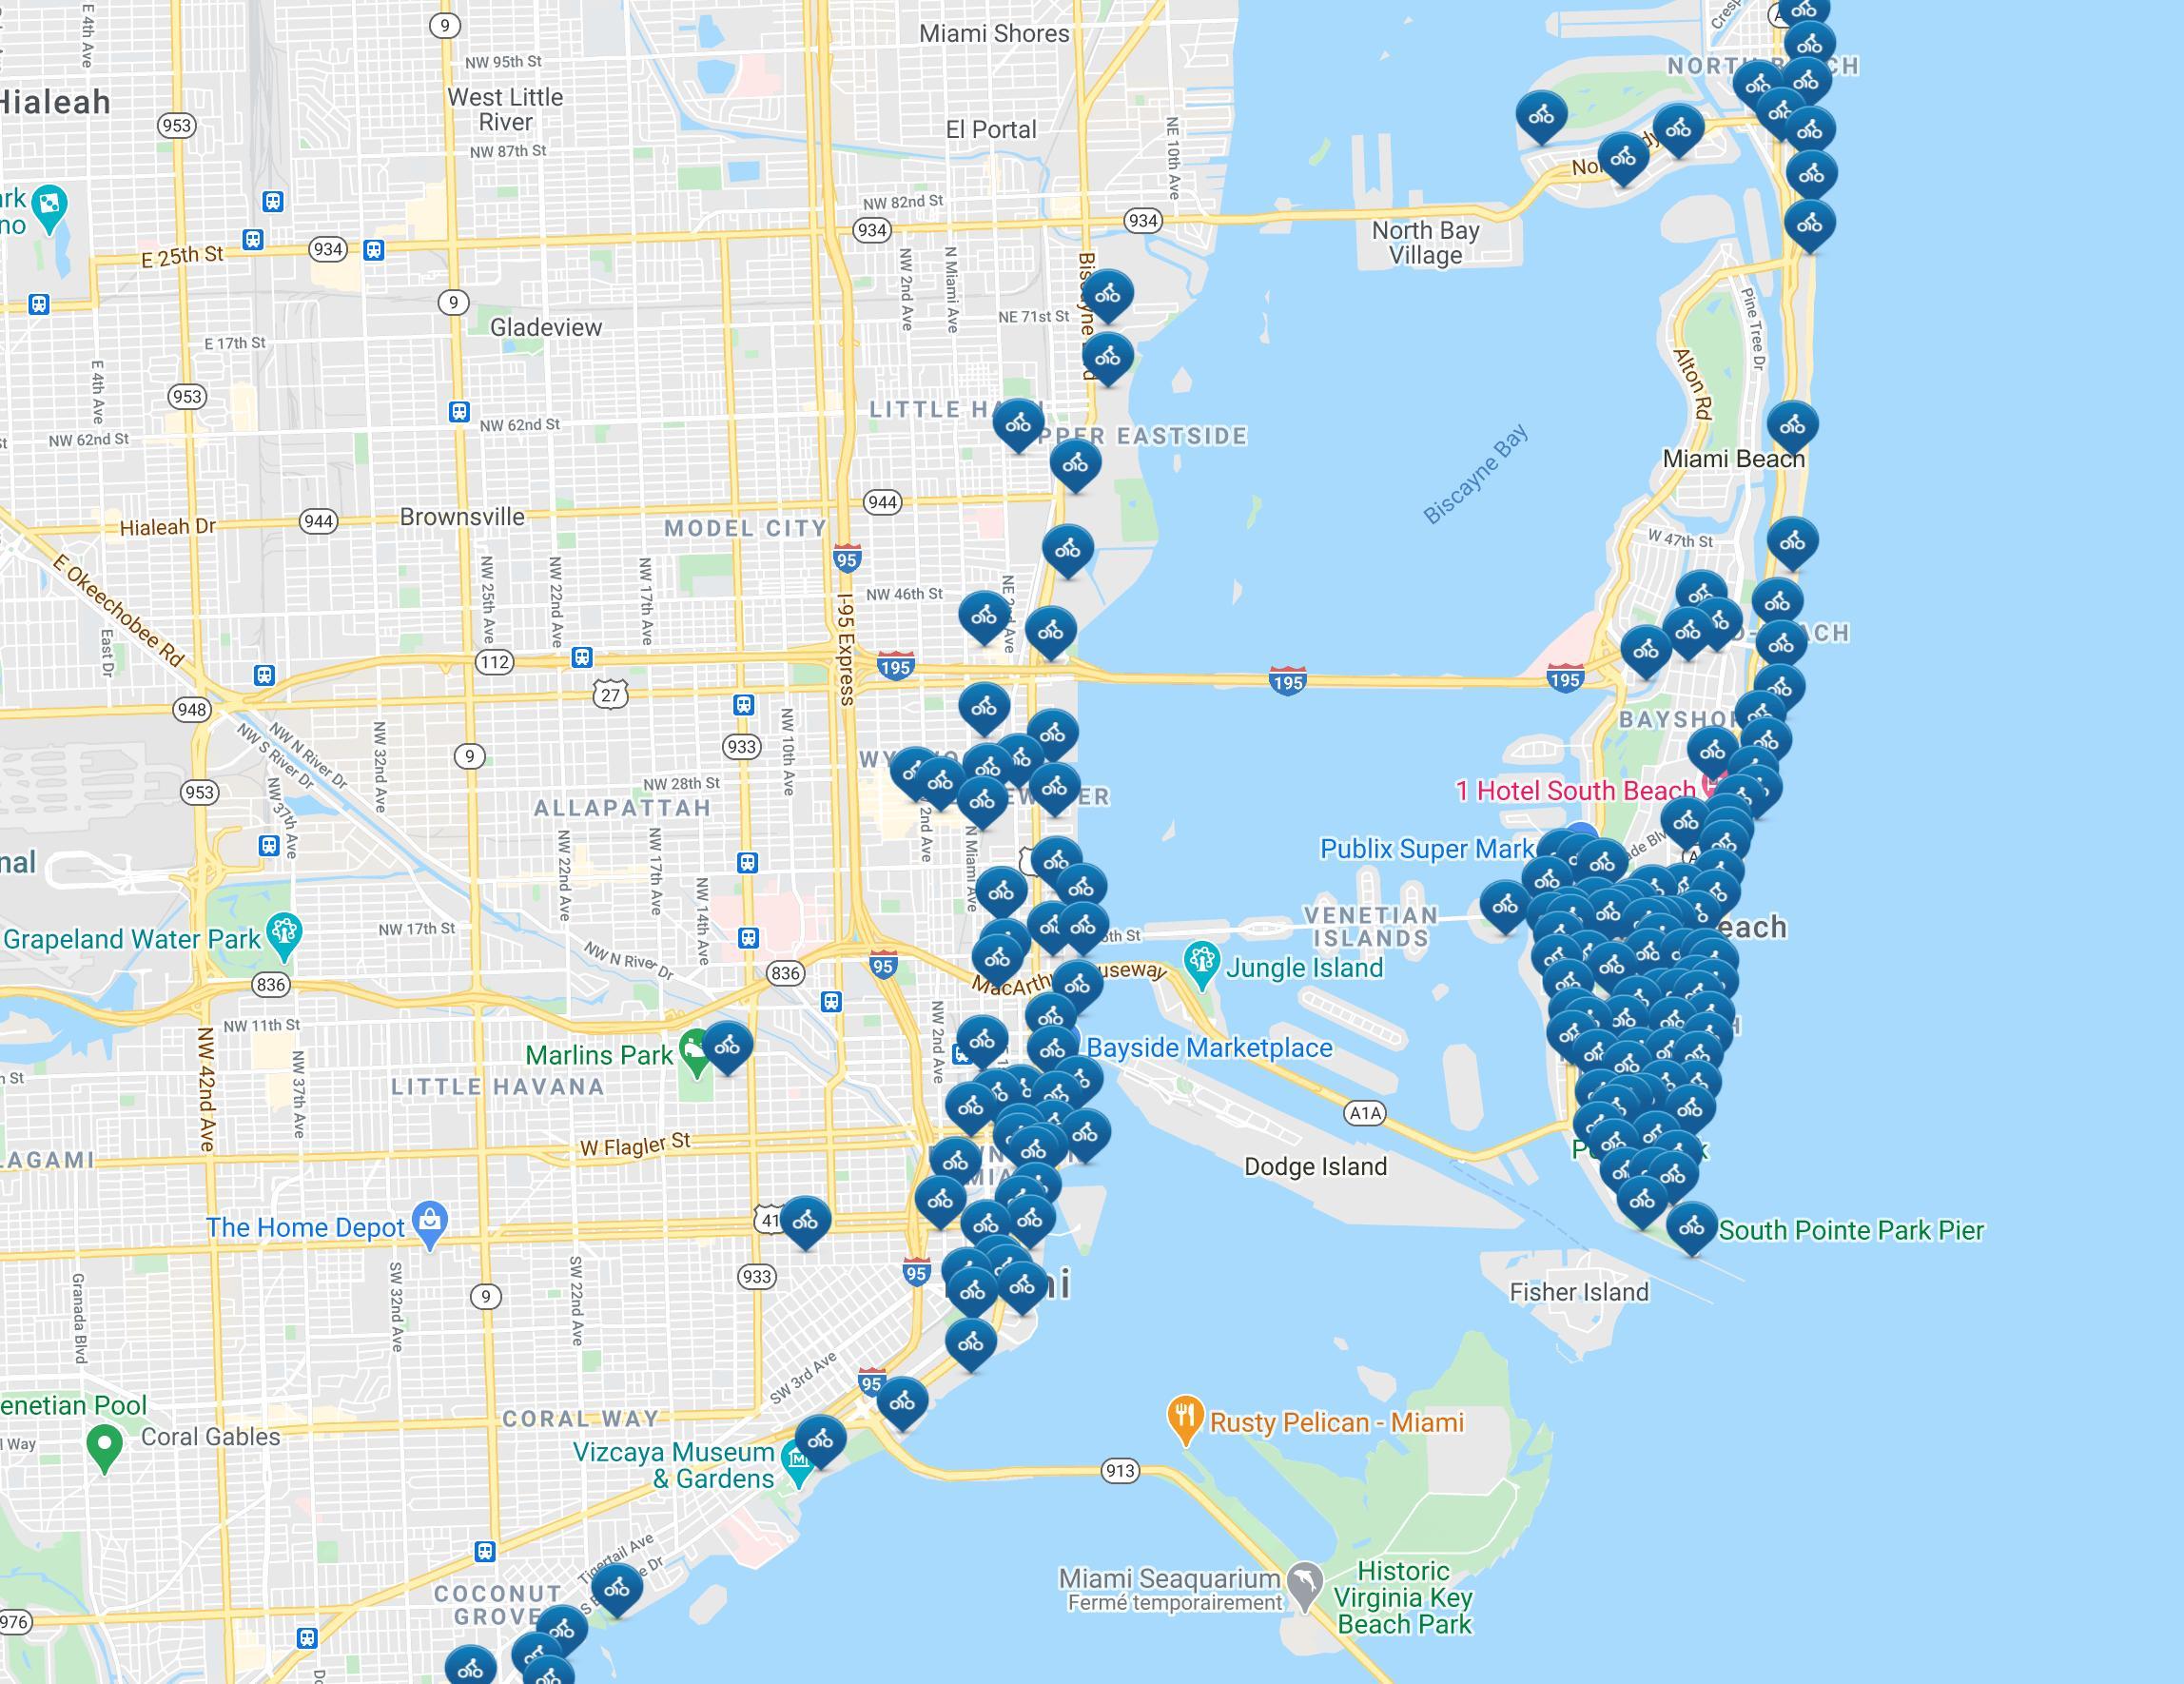 miami térkép Citi kerékpár, Miami térkép   Miami citi kerékpáros térkép  miami térkép